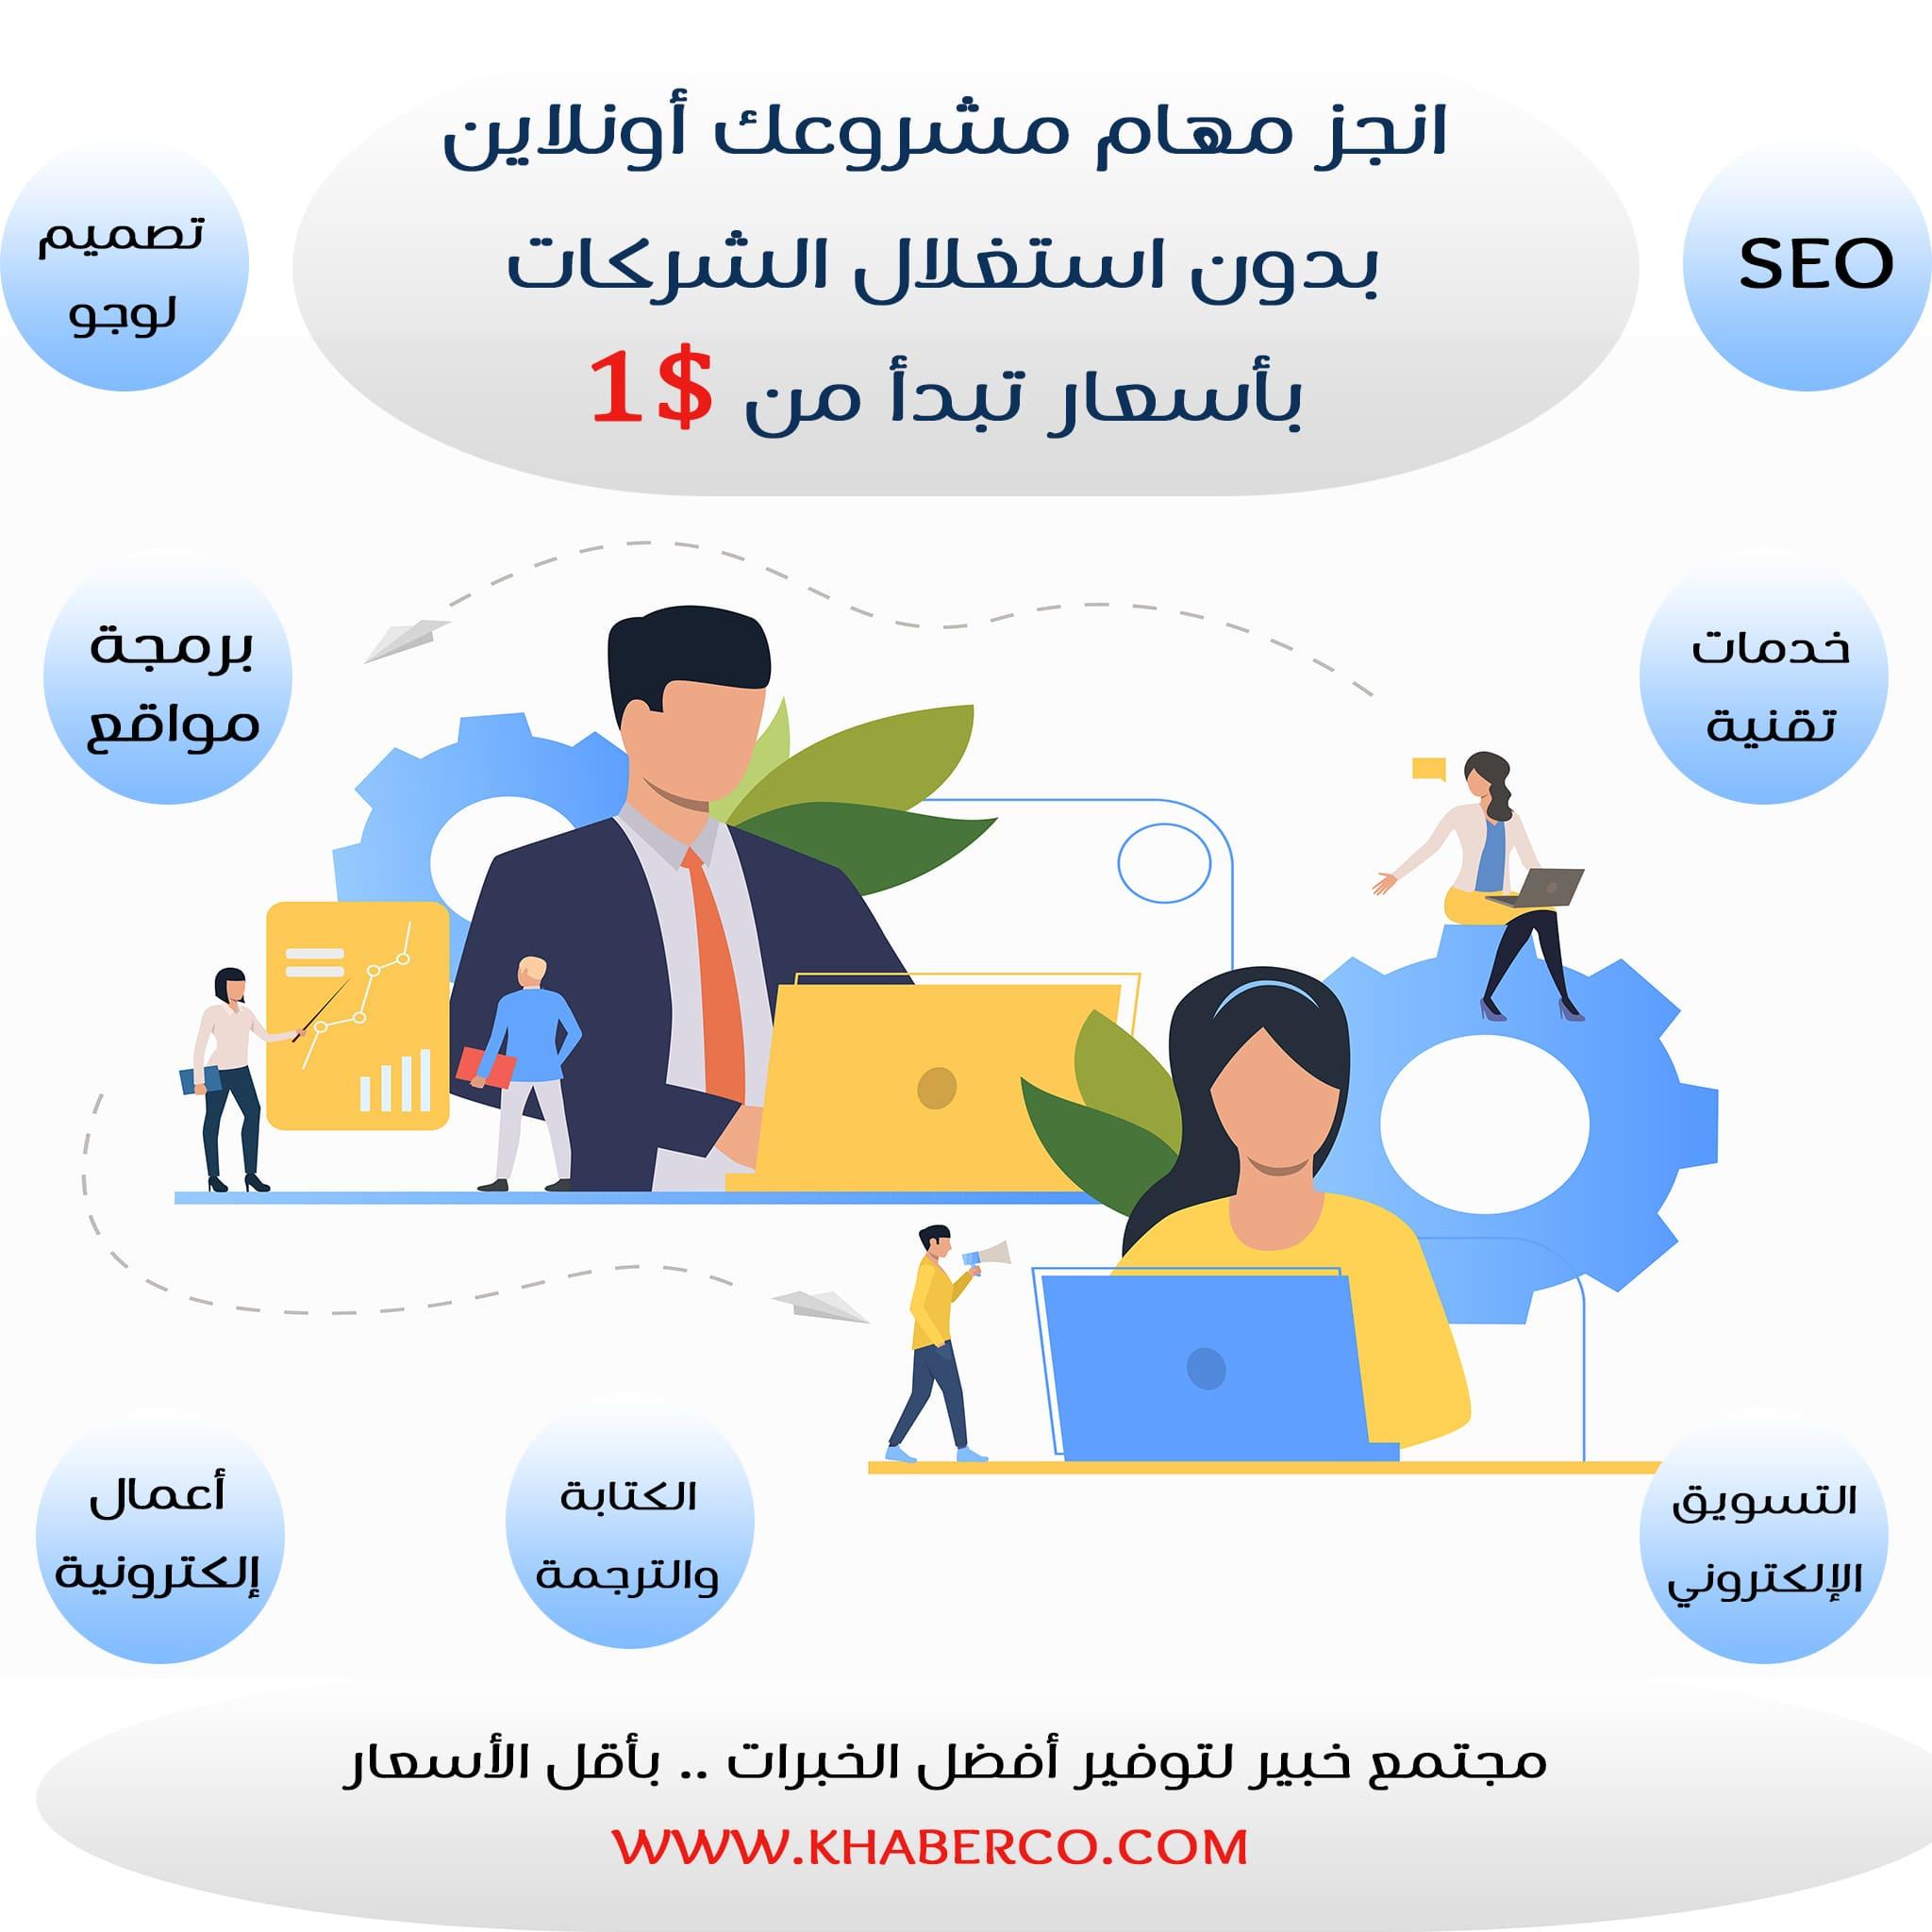 العمل الحر علي الإنترنت ومميزاته وكيفية الحصول عليه P_1434q7c631